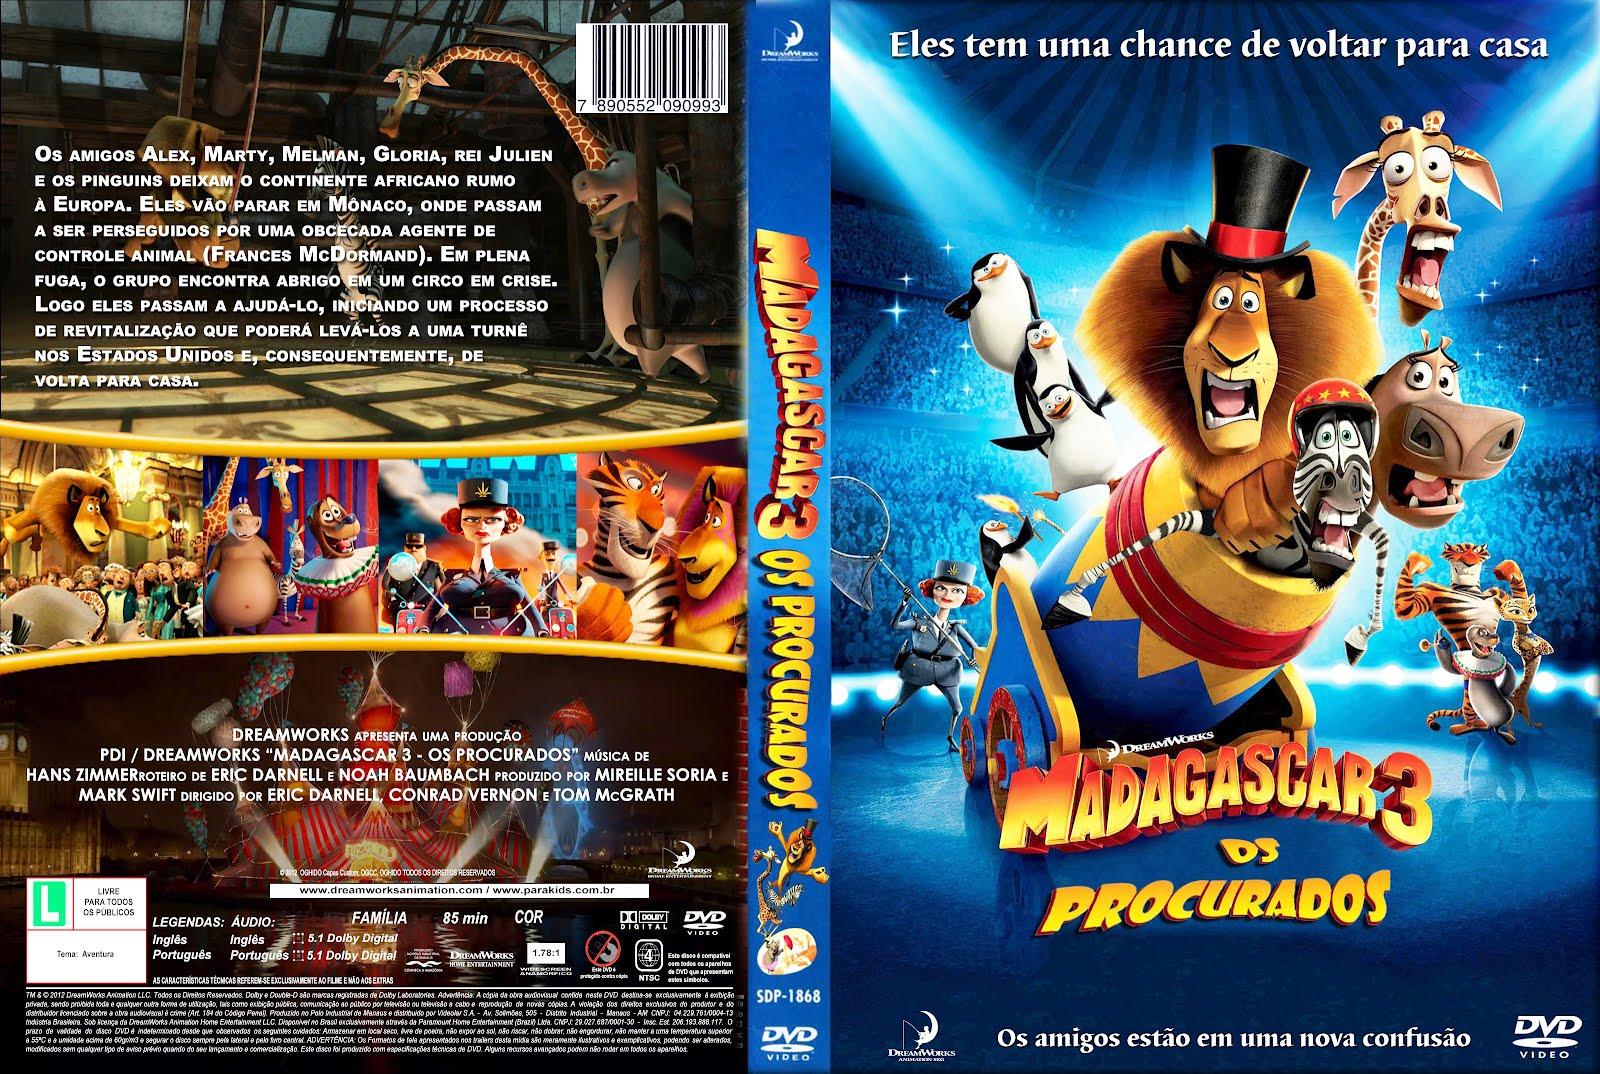 DUBLADO BAIXAR PROCURADOS MADAGASCAR OS 3